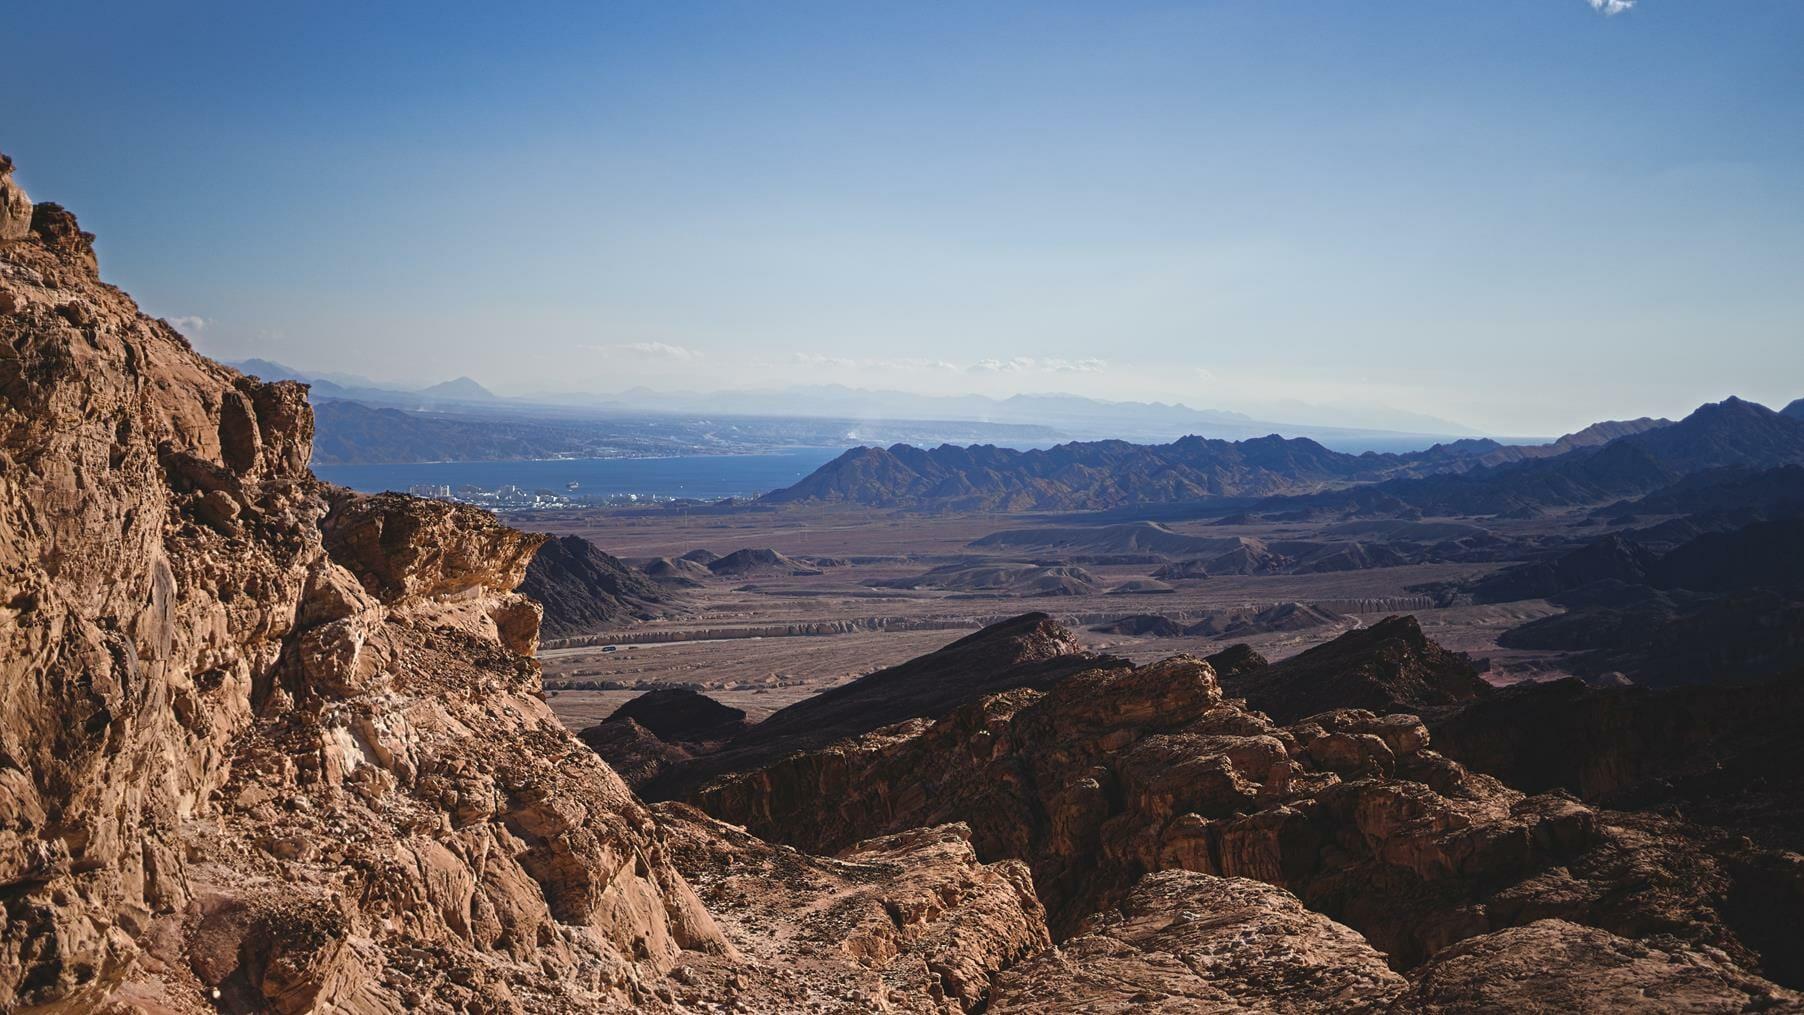 הר אמיר, טרק מיטיבי לכת בהרי אילת, צילום: יוסי אביטל